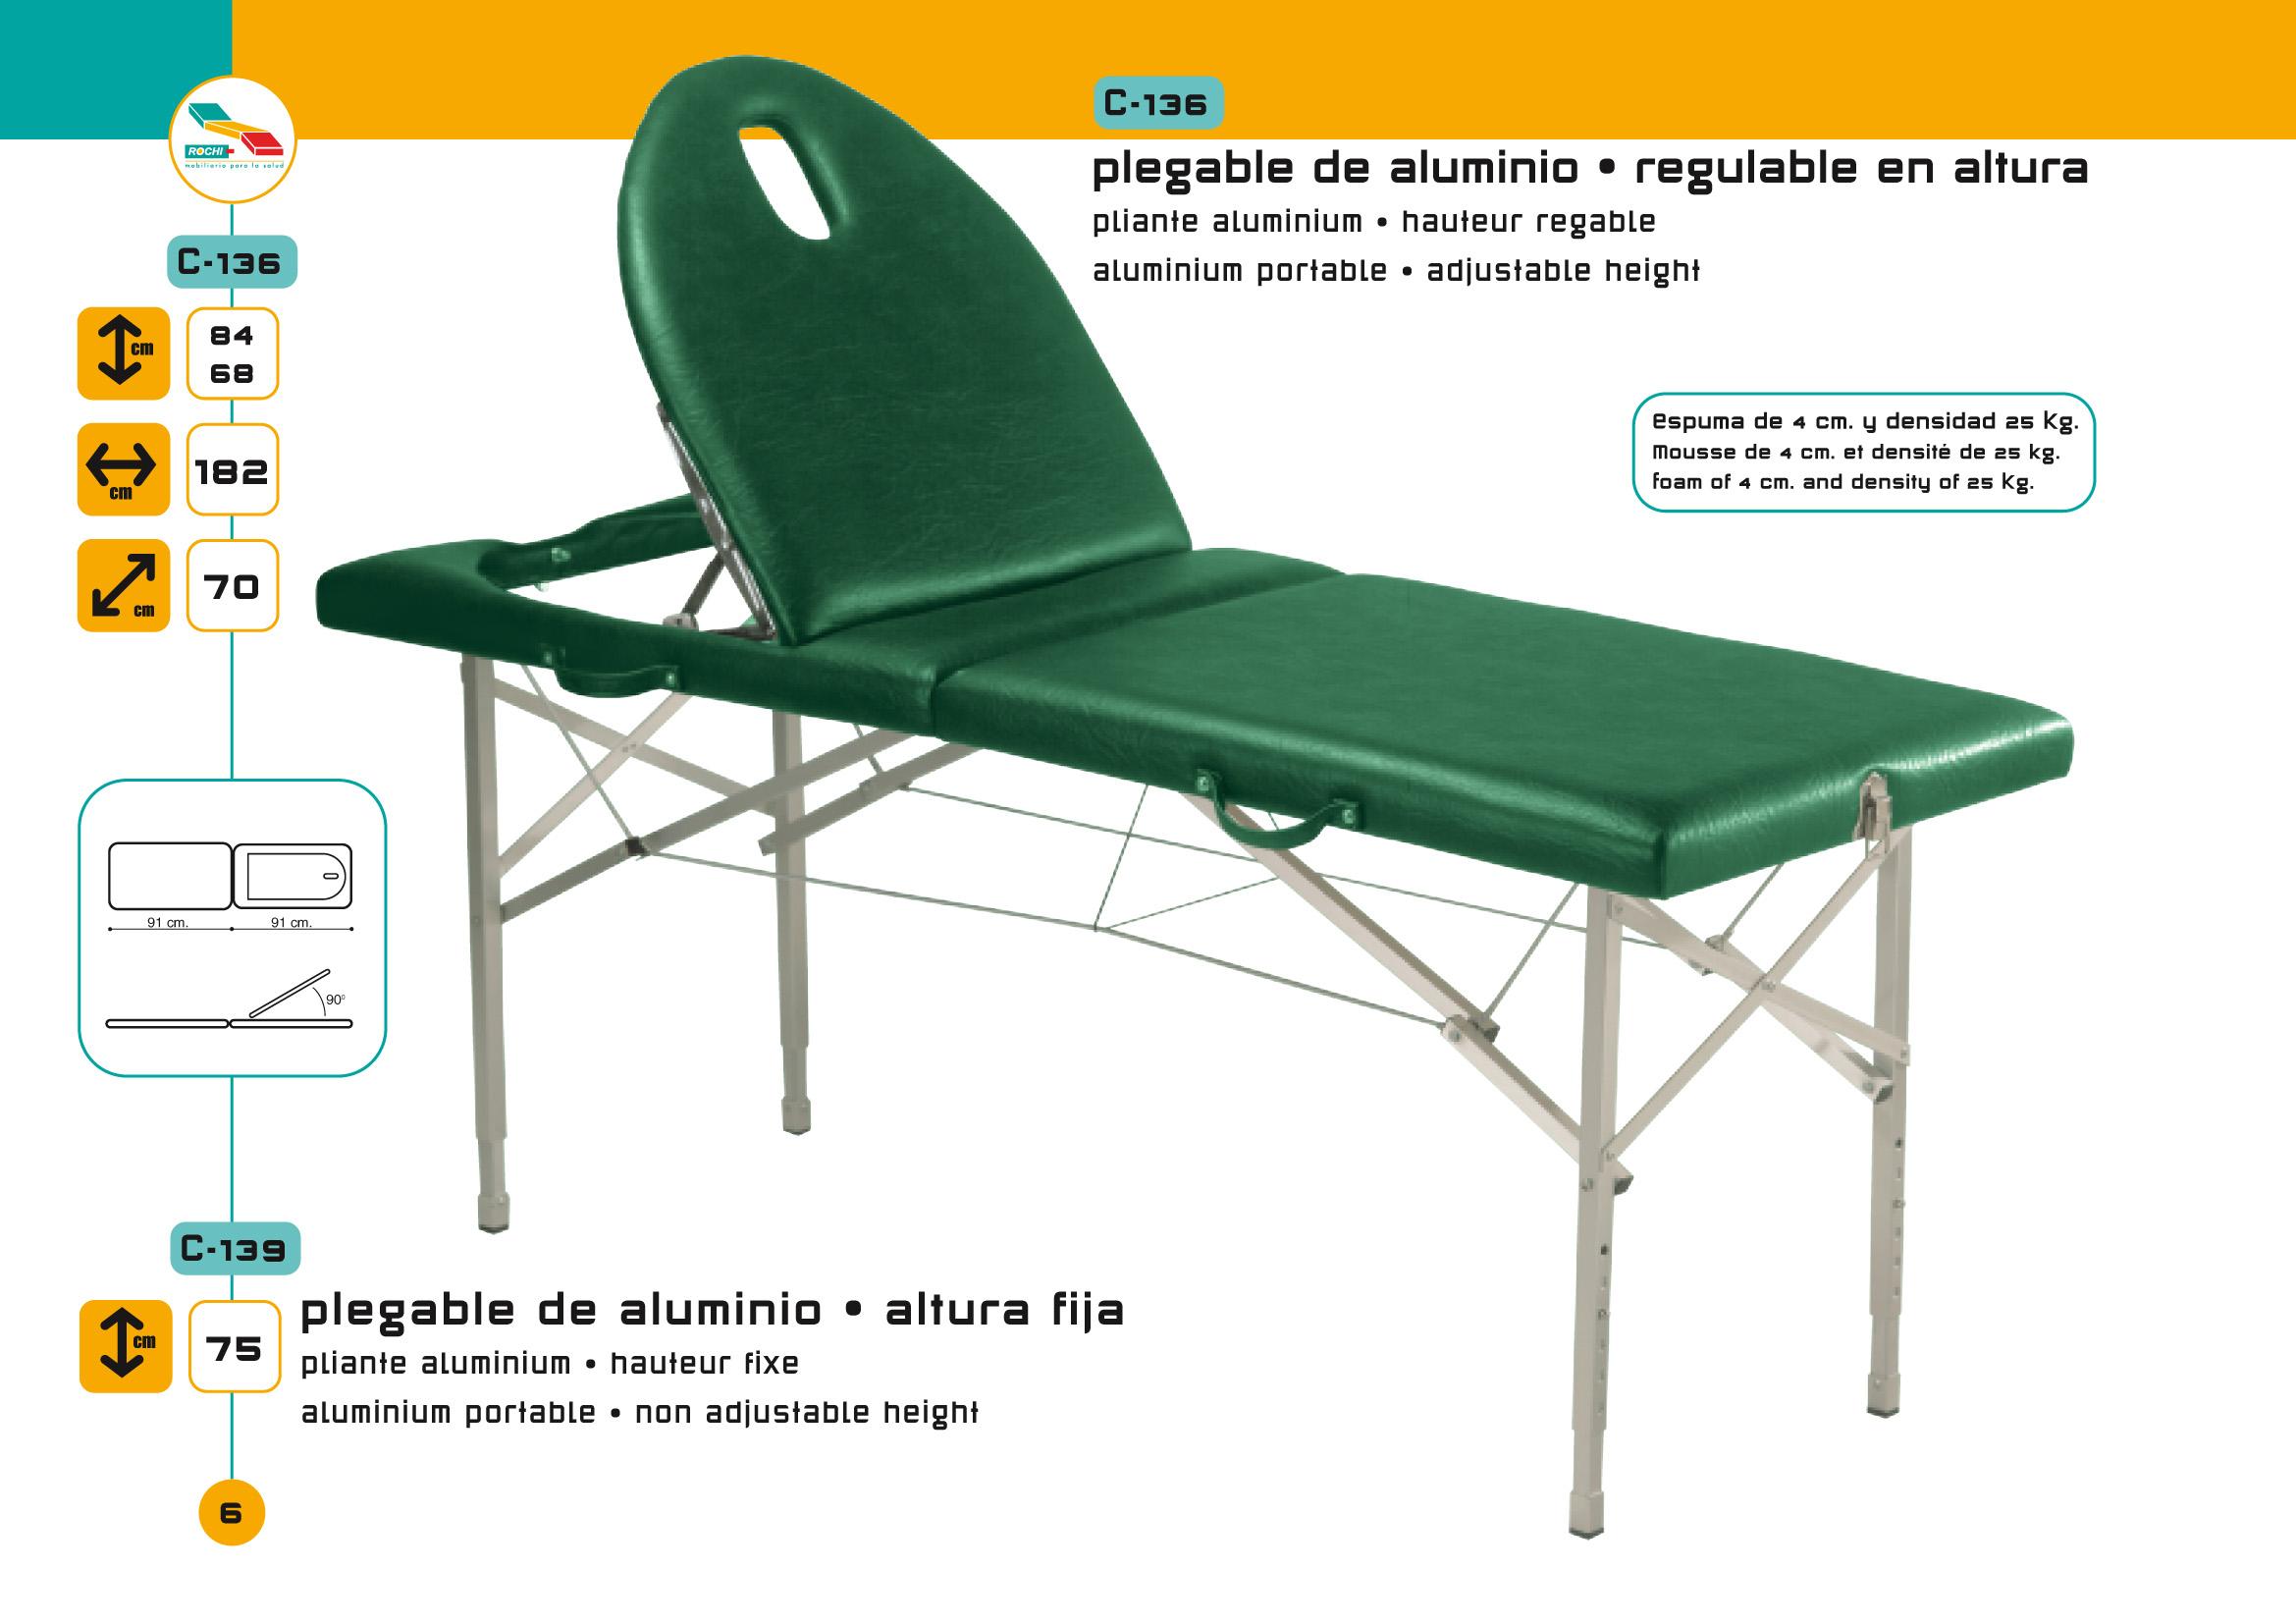 Table de massage pliante c 136 pi tement aluminium avec tendeurs - Table de massage alu ...